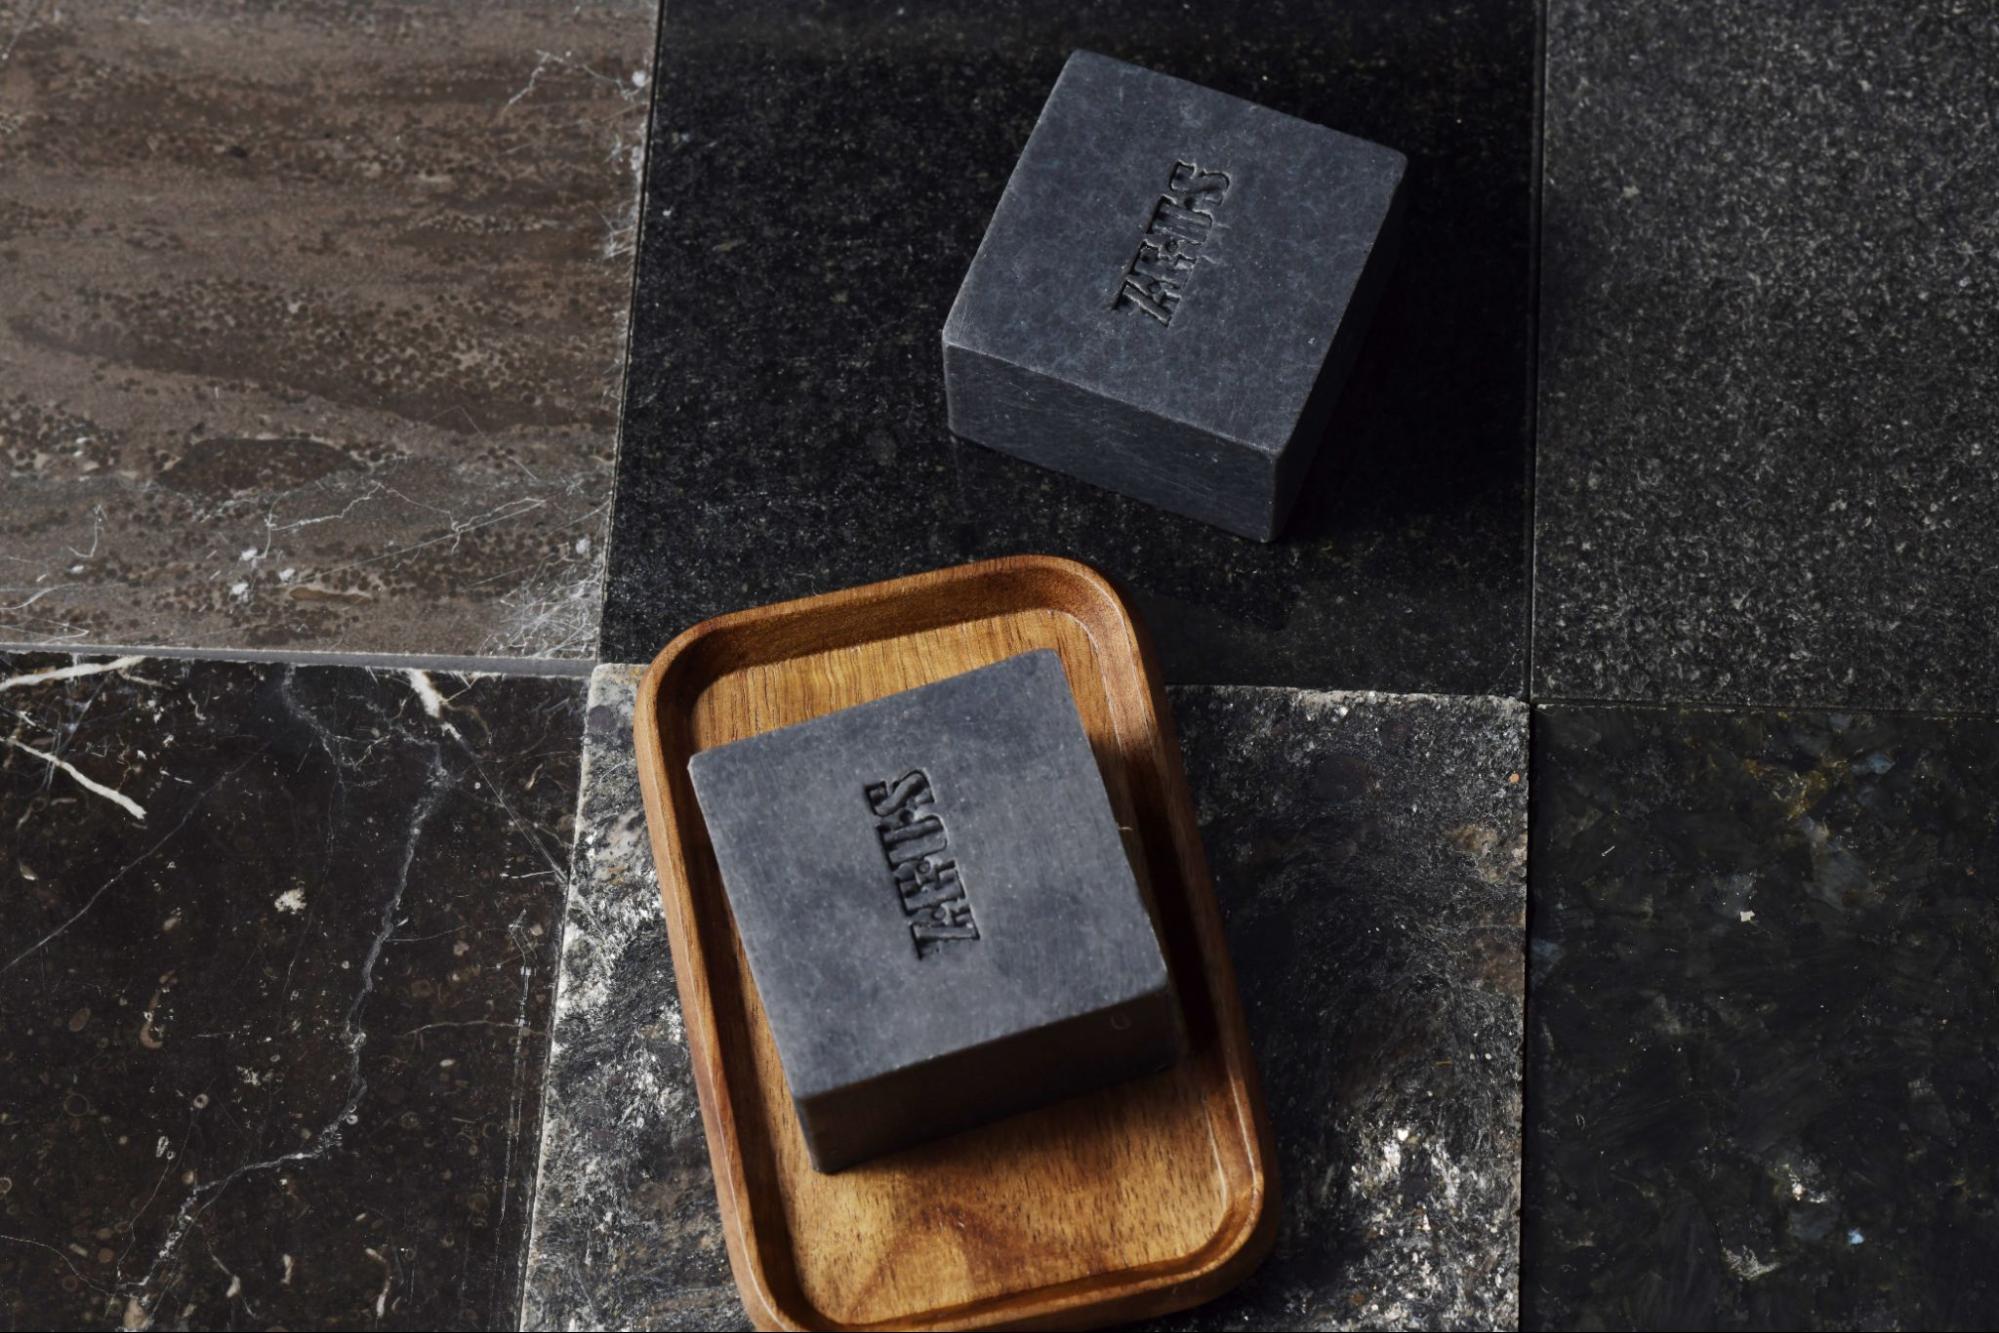 天然精油冷製皂:ZEUS 黑膠原舒敏手工皂.jpg